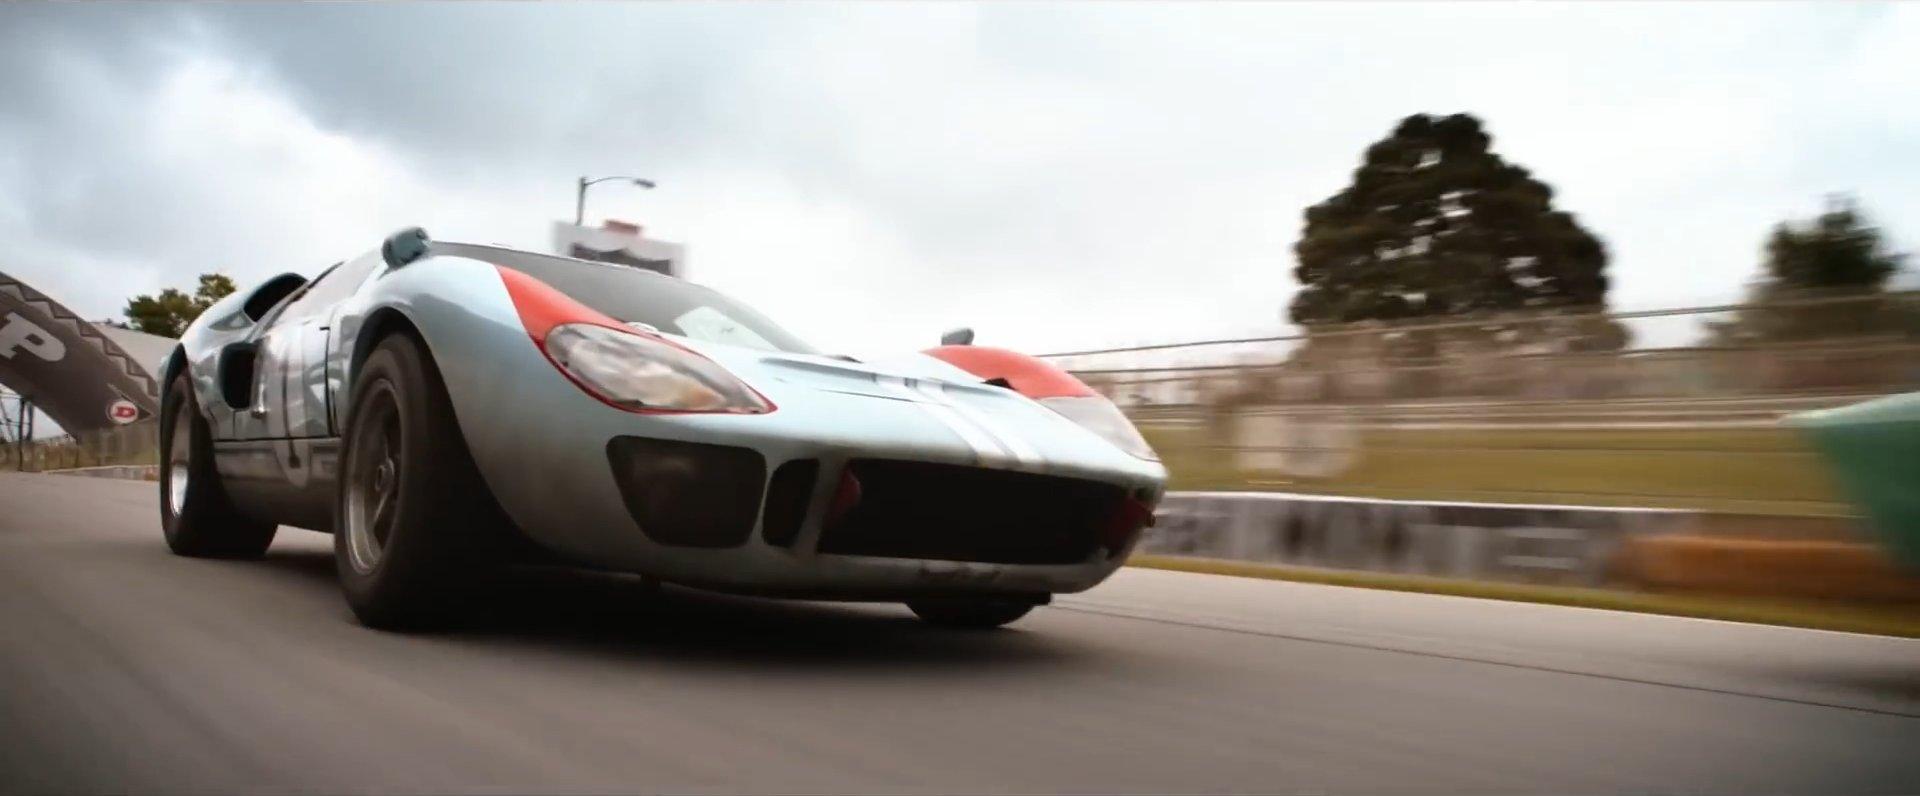 『フォードvsフェラーリ』レースシーン